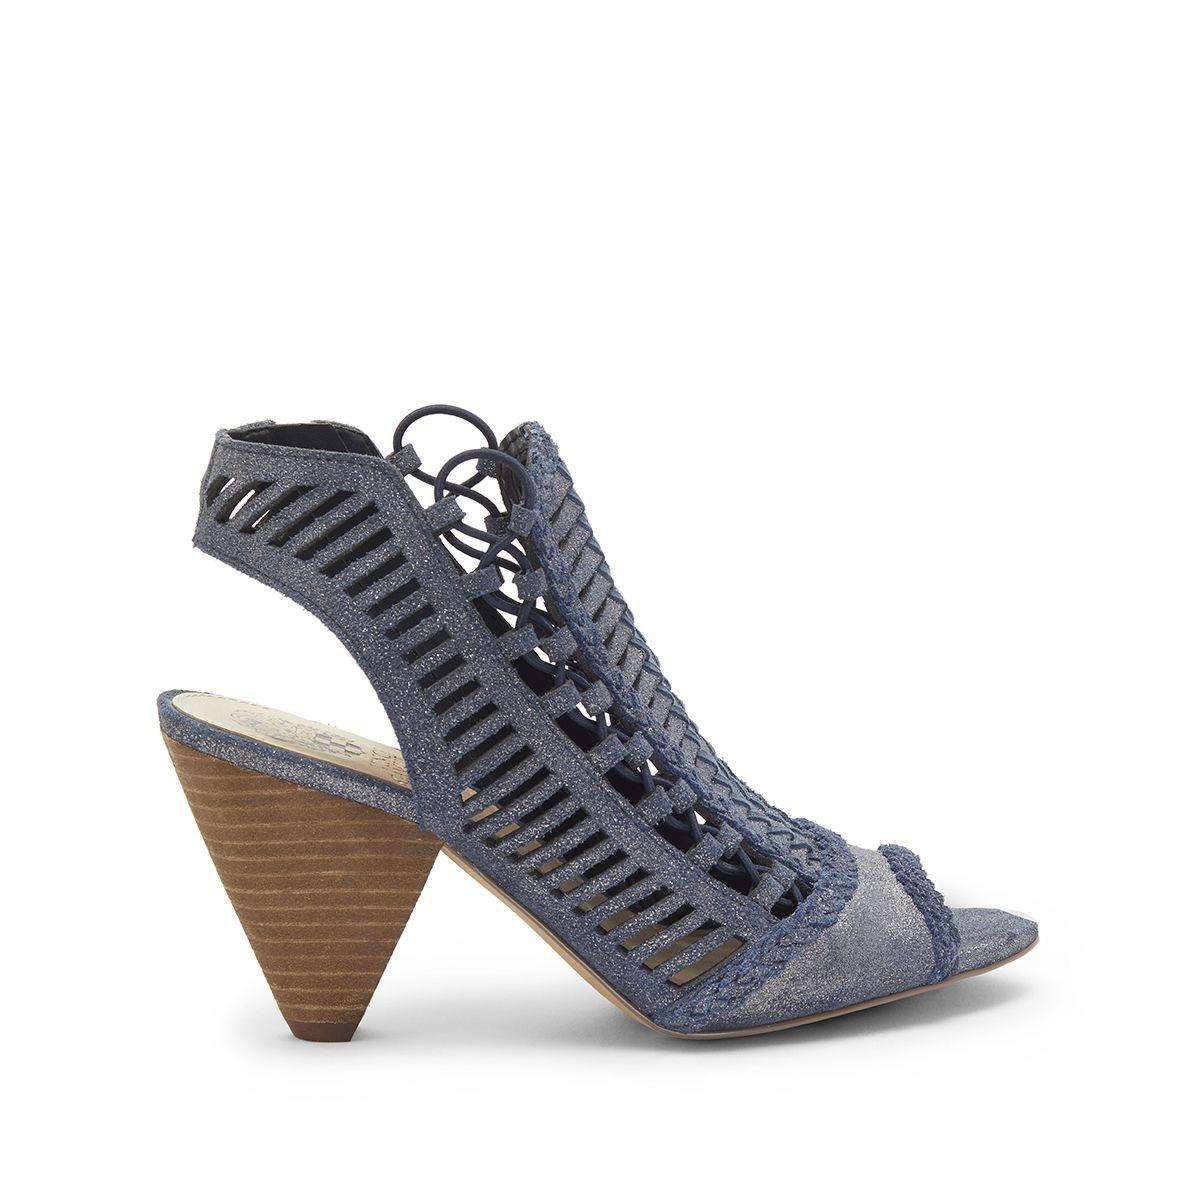 d7de70cd8699 Vince Camuto Shoes - Macy s